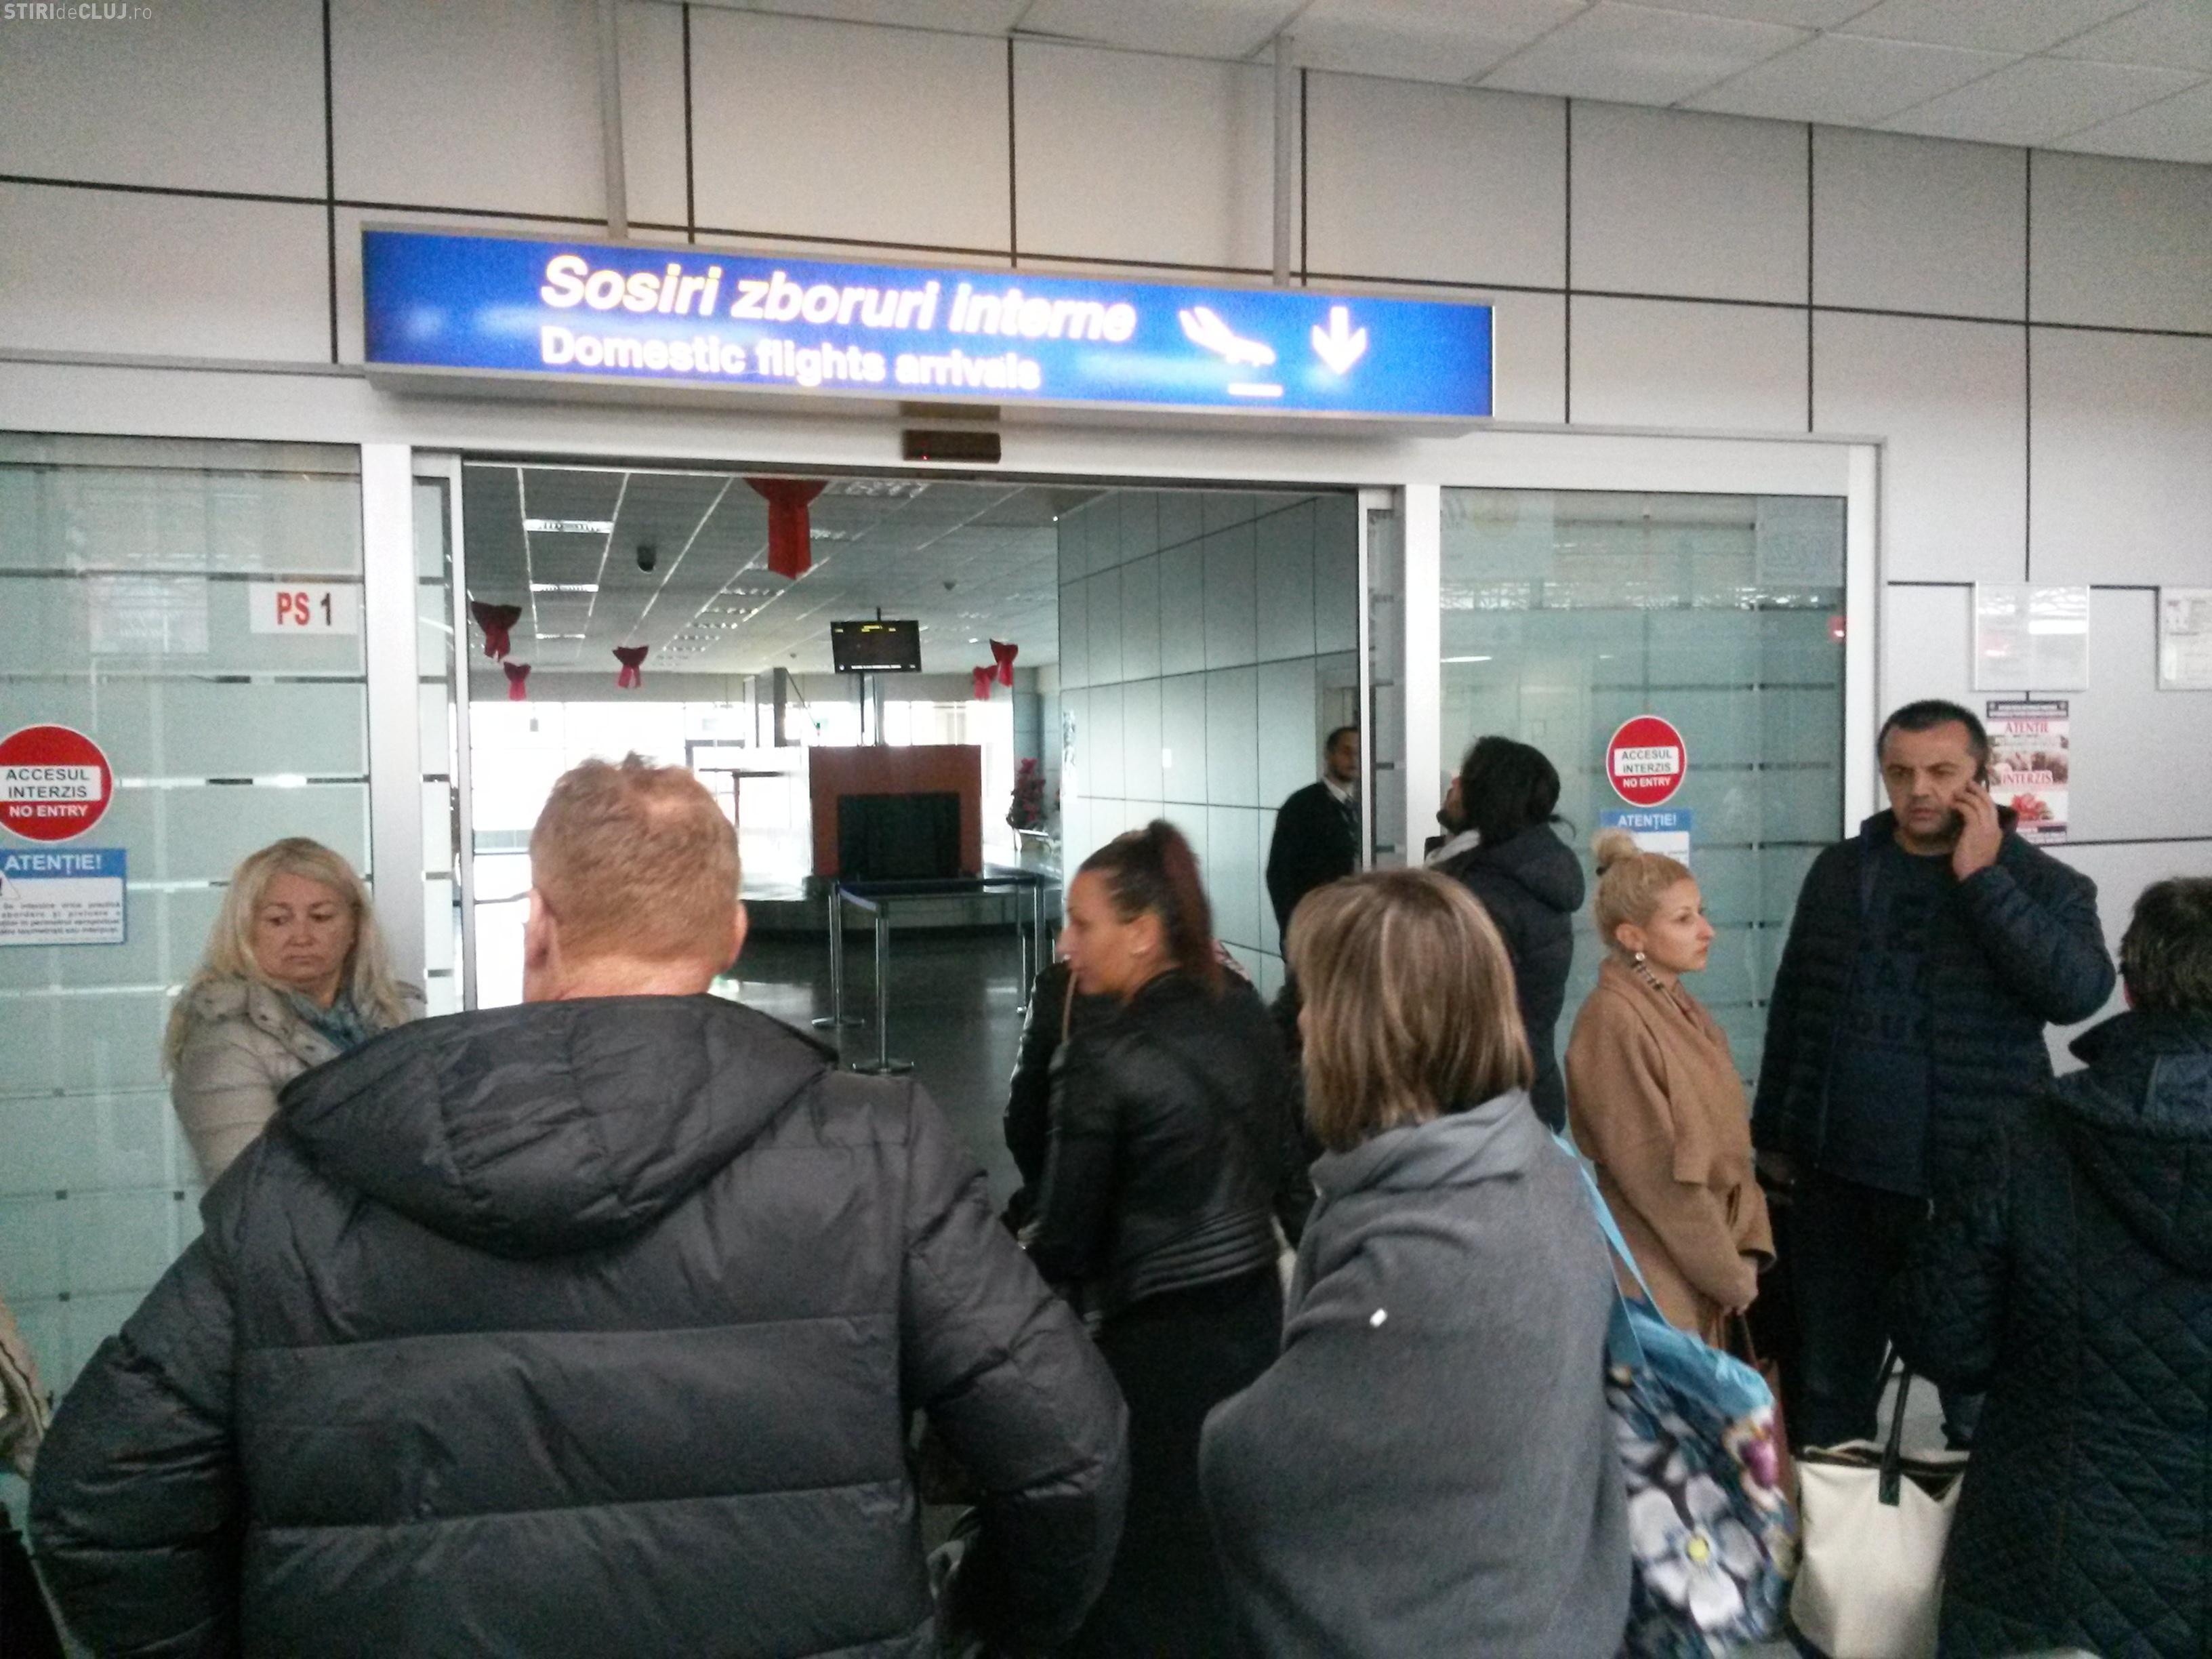 Wizz Air a GAFAT din nou la cursa Dubai - Cluj: 13 ore întârziere și bagaje pierdute din nou - VIDEO